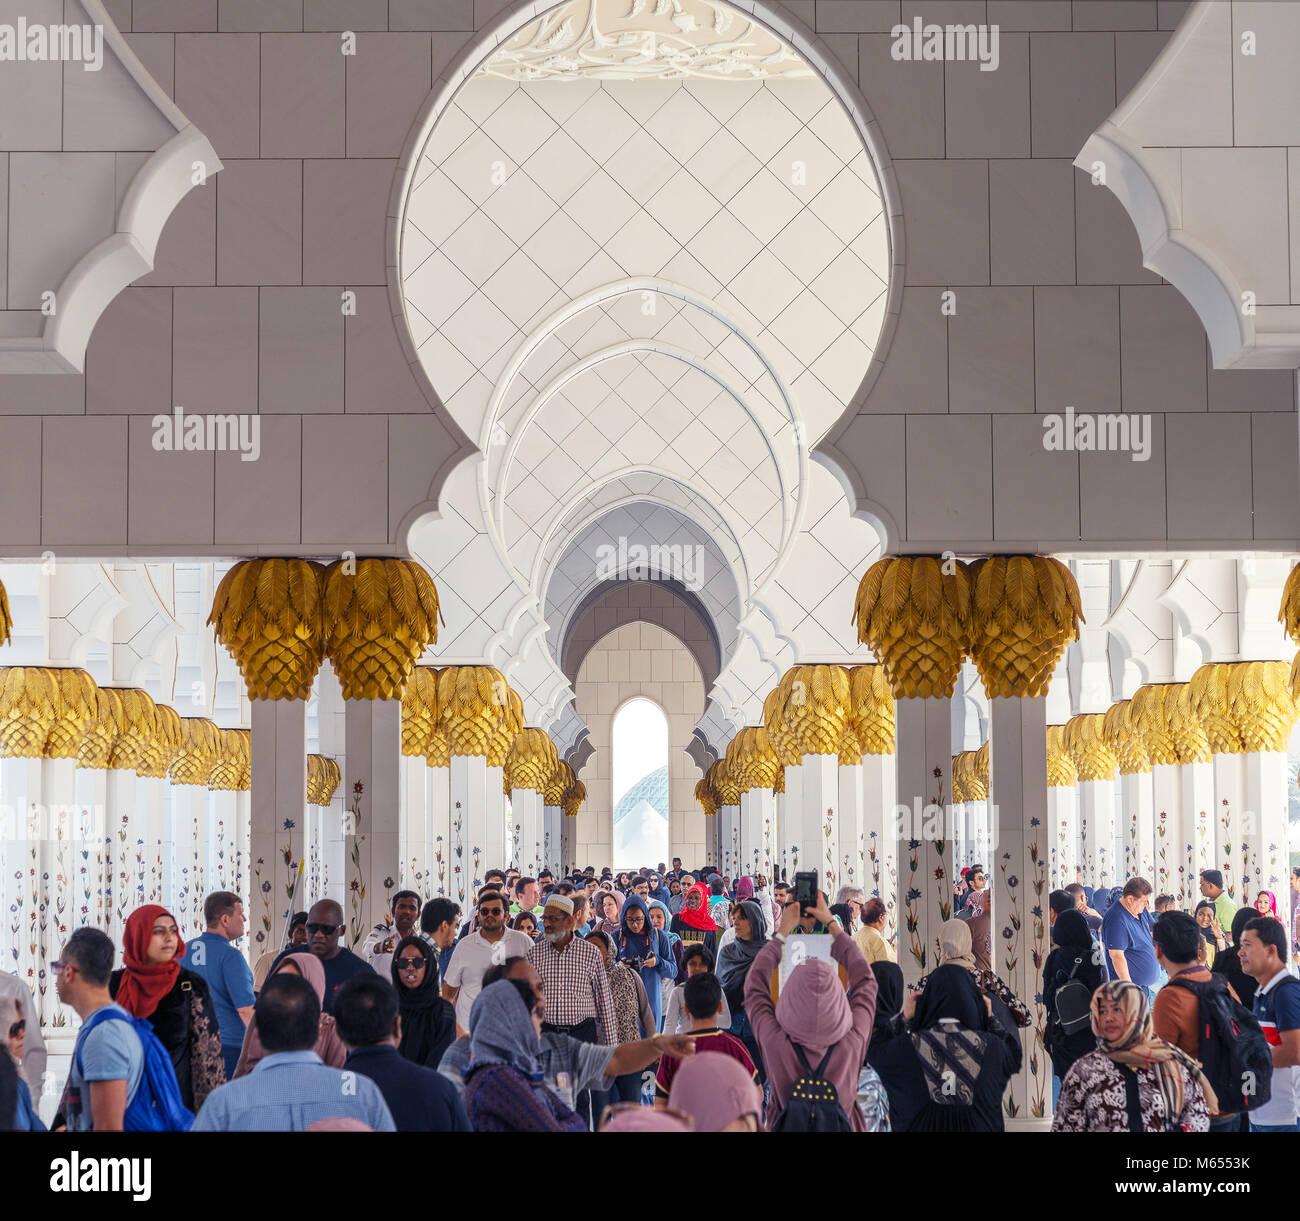 28. Dezember 2017 - Abu Dhabi, VAE. Touristen, die in herrlichen Sheikh Zayed Moschee im Winter Urlaub. Stockbild